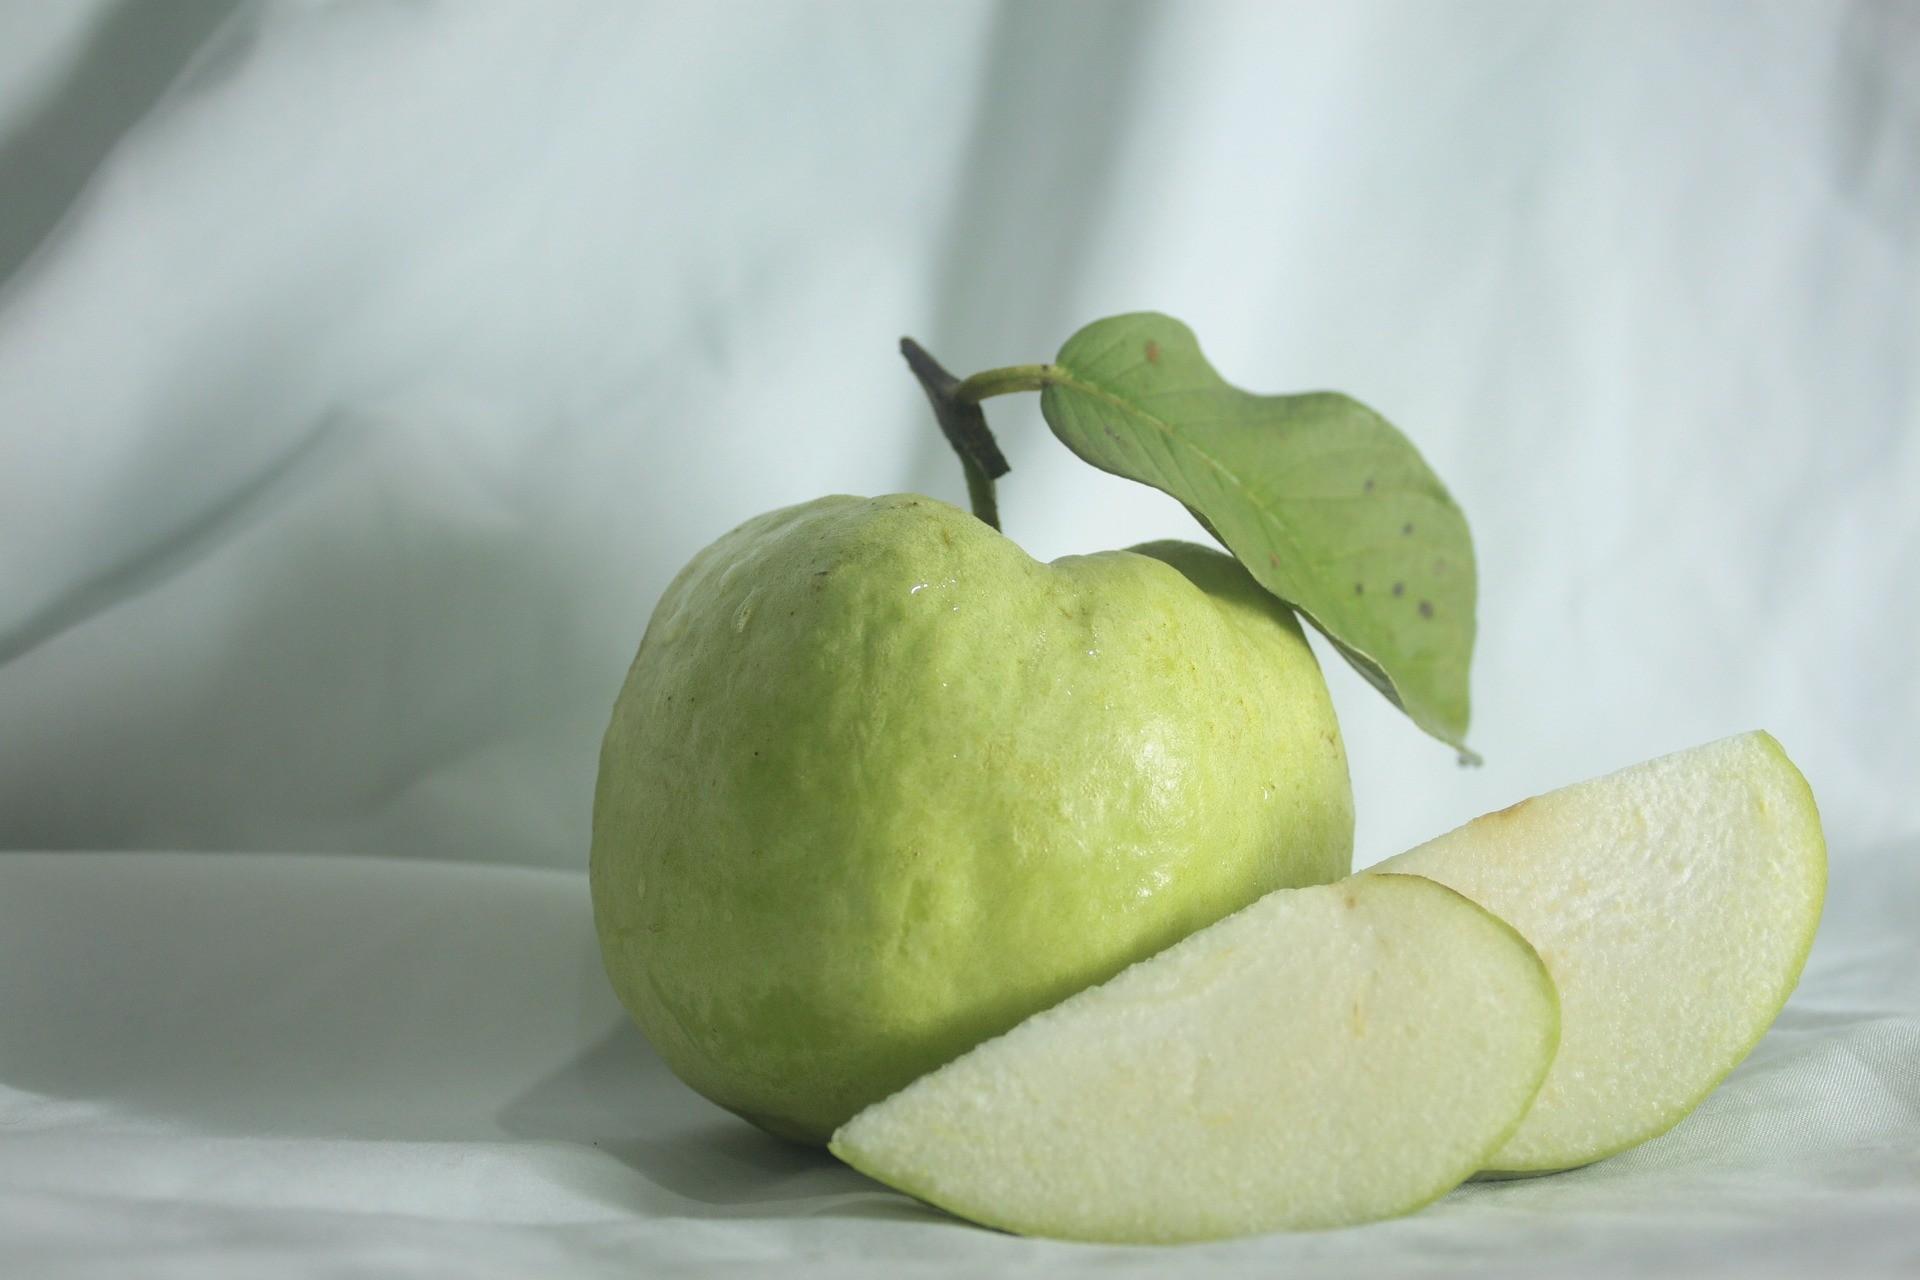 ▲芭樂,水果。(圖/取自免費圖庫Pixabay)